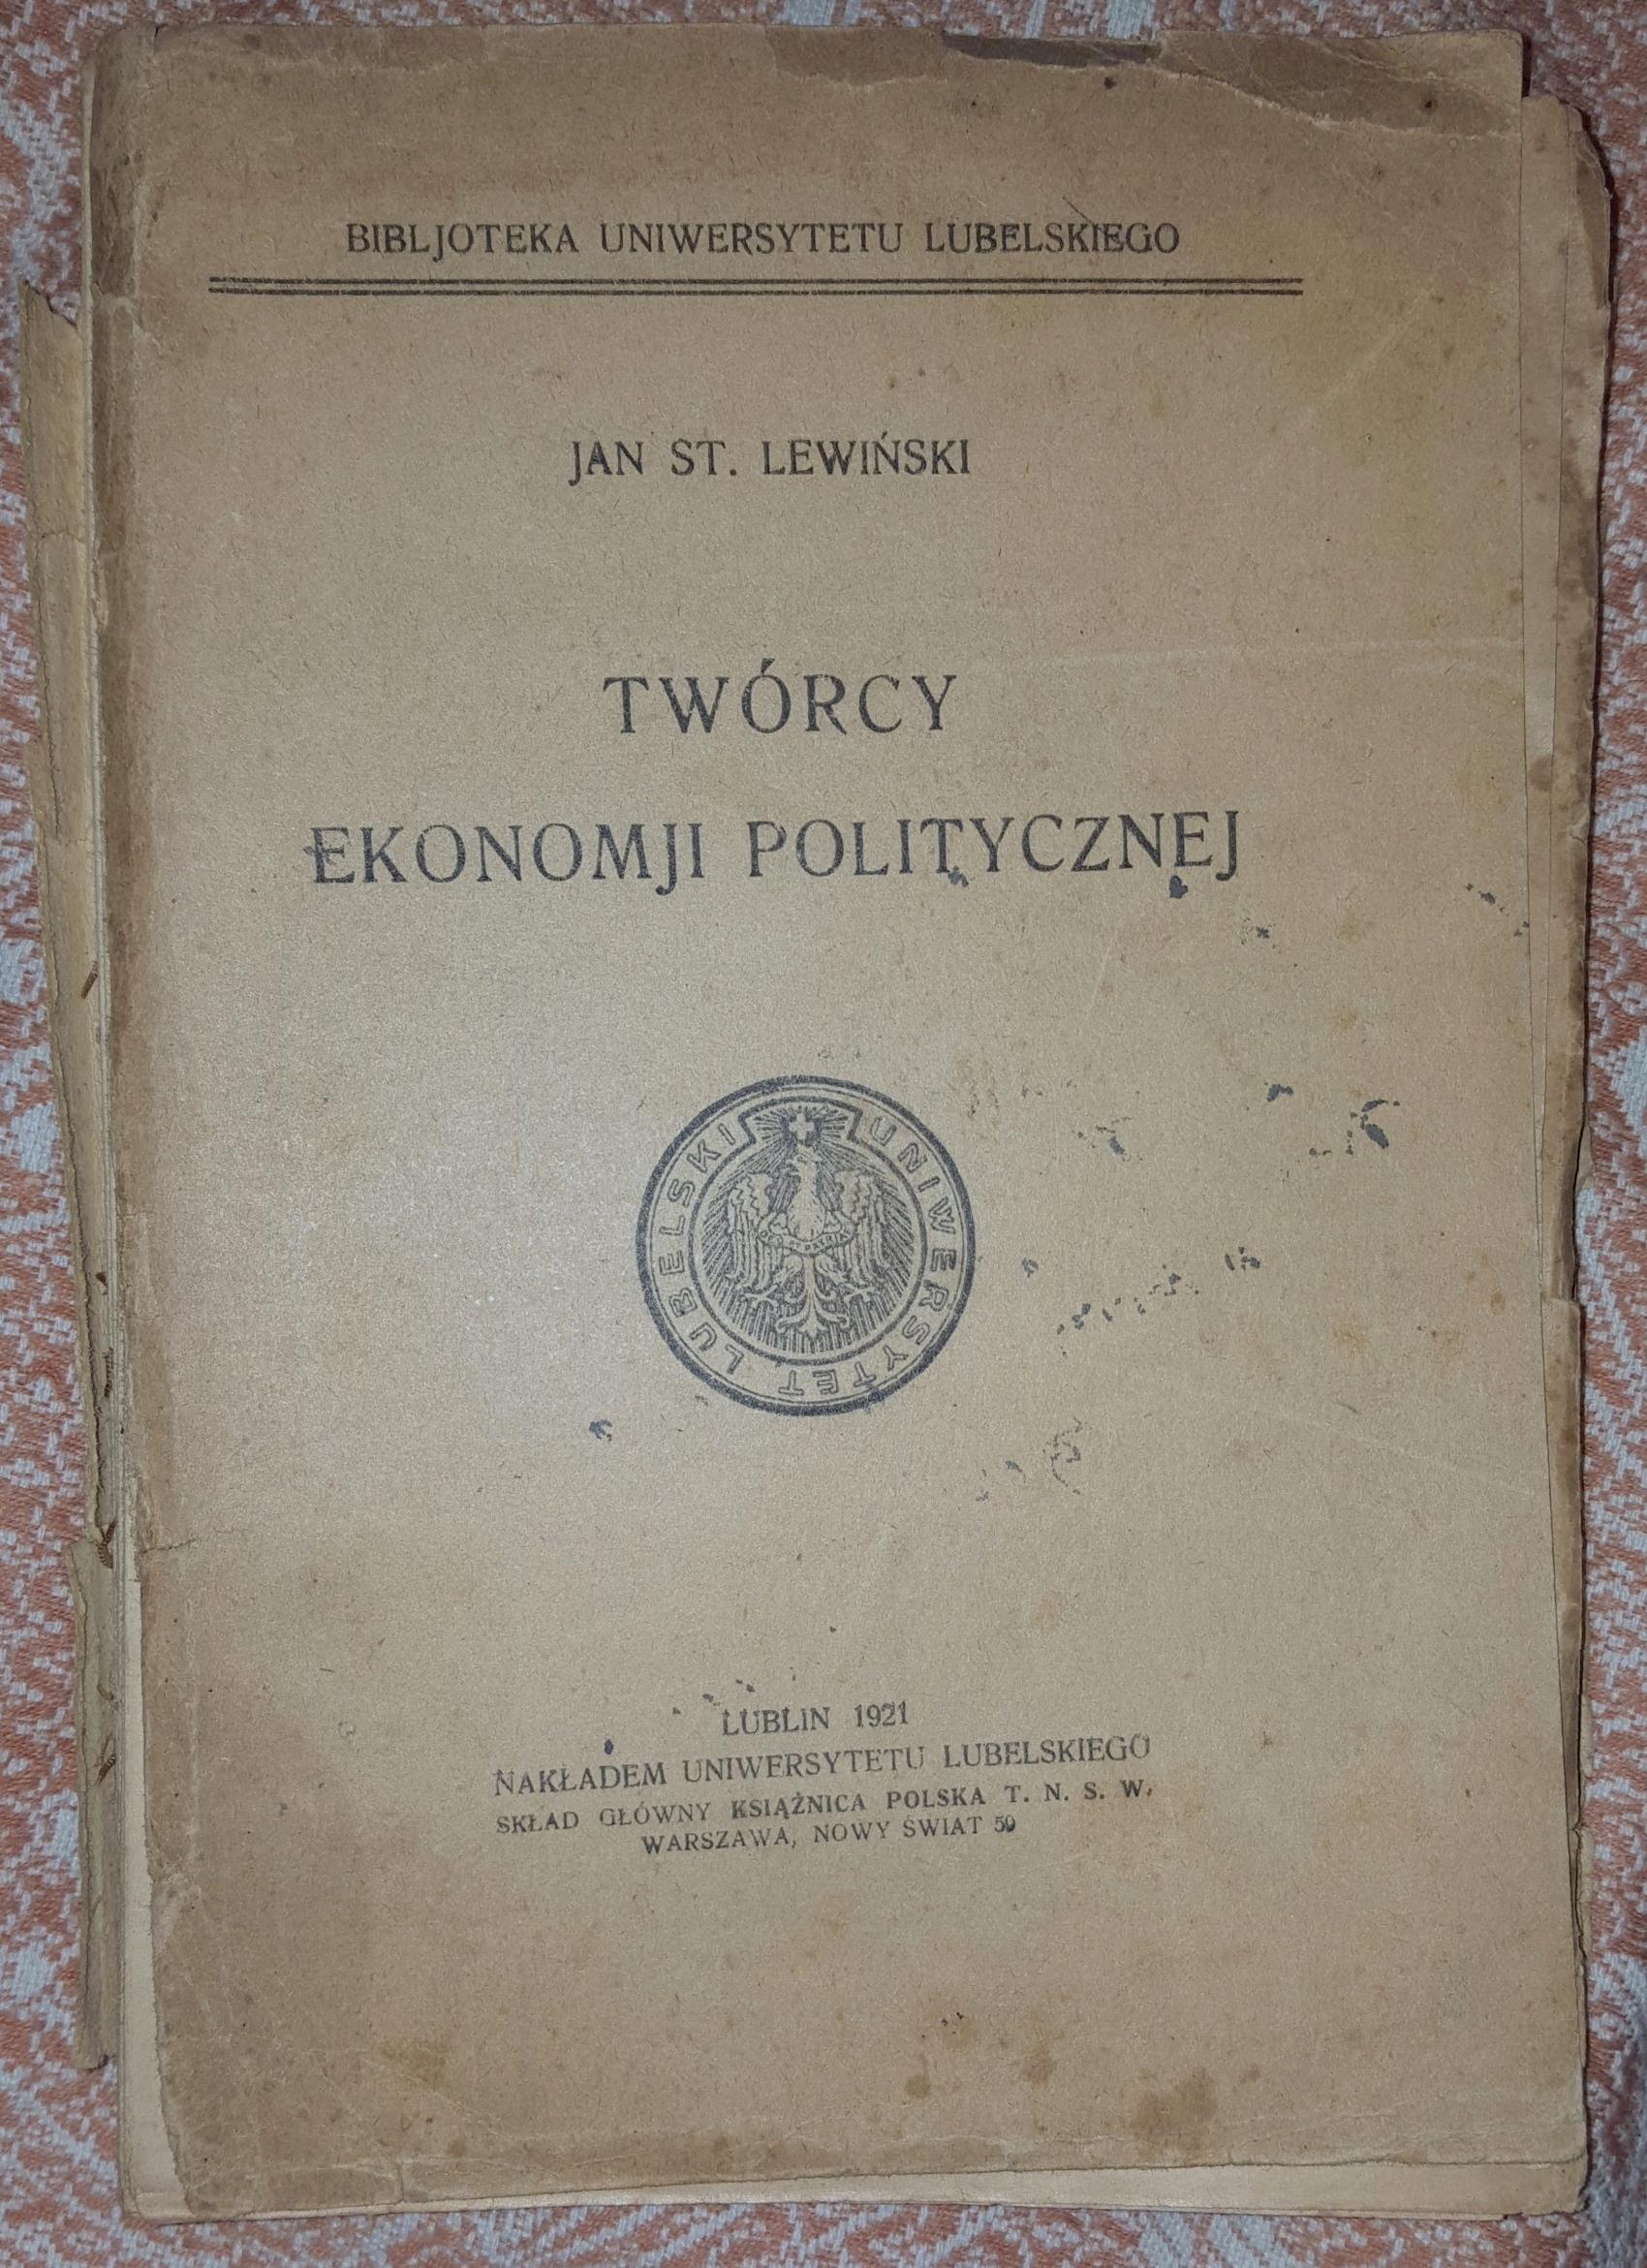 TWÓRCY EKONOMJI POLITYCZNEJ- JAN ST. LEWIŃSKI,1921